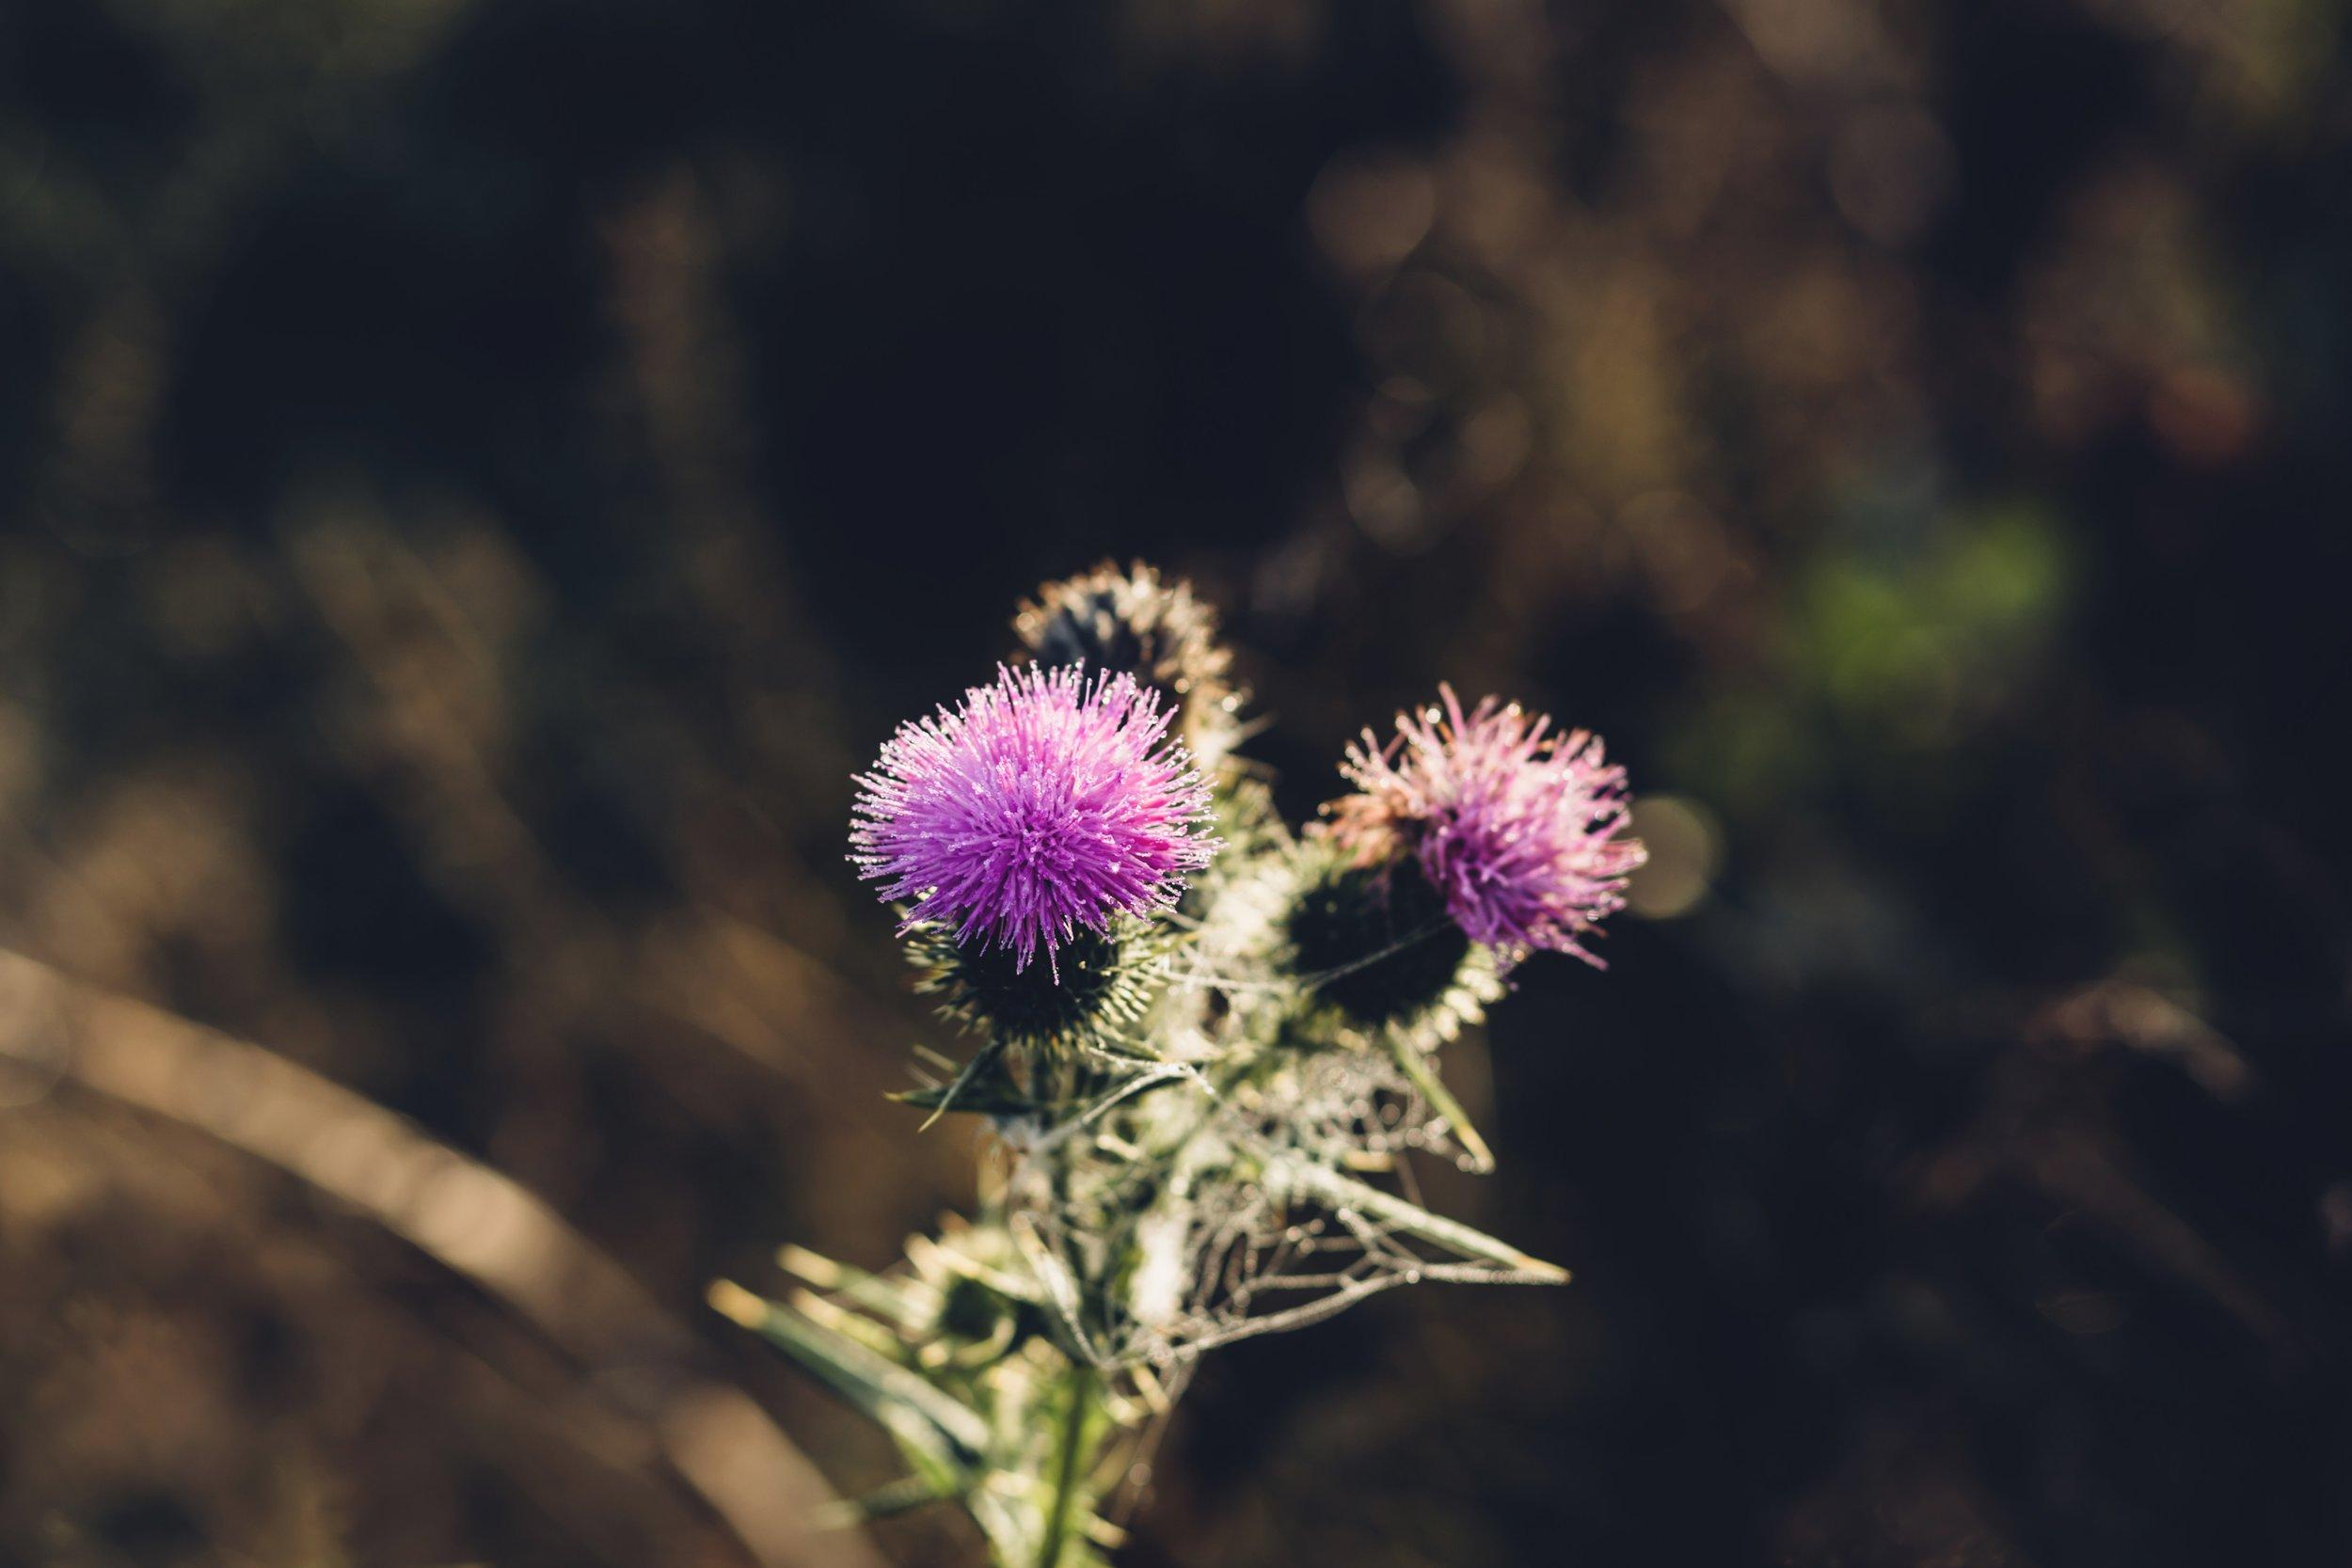 bloom-blooming-blossom-192182.jpg